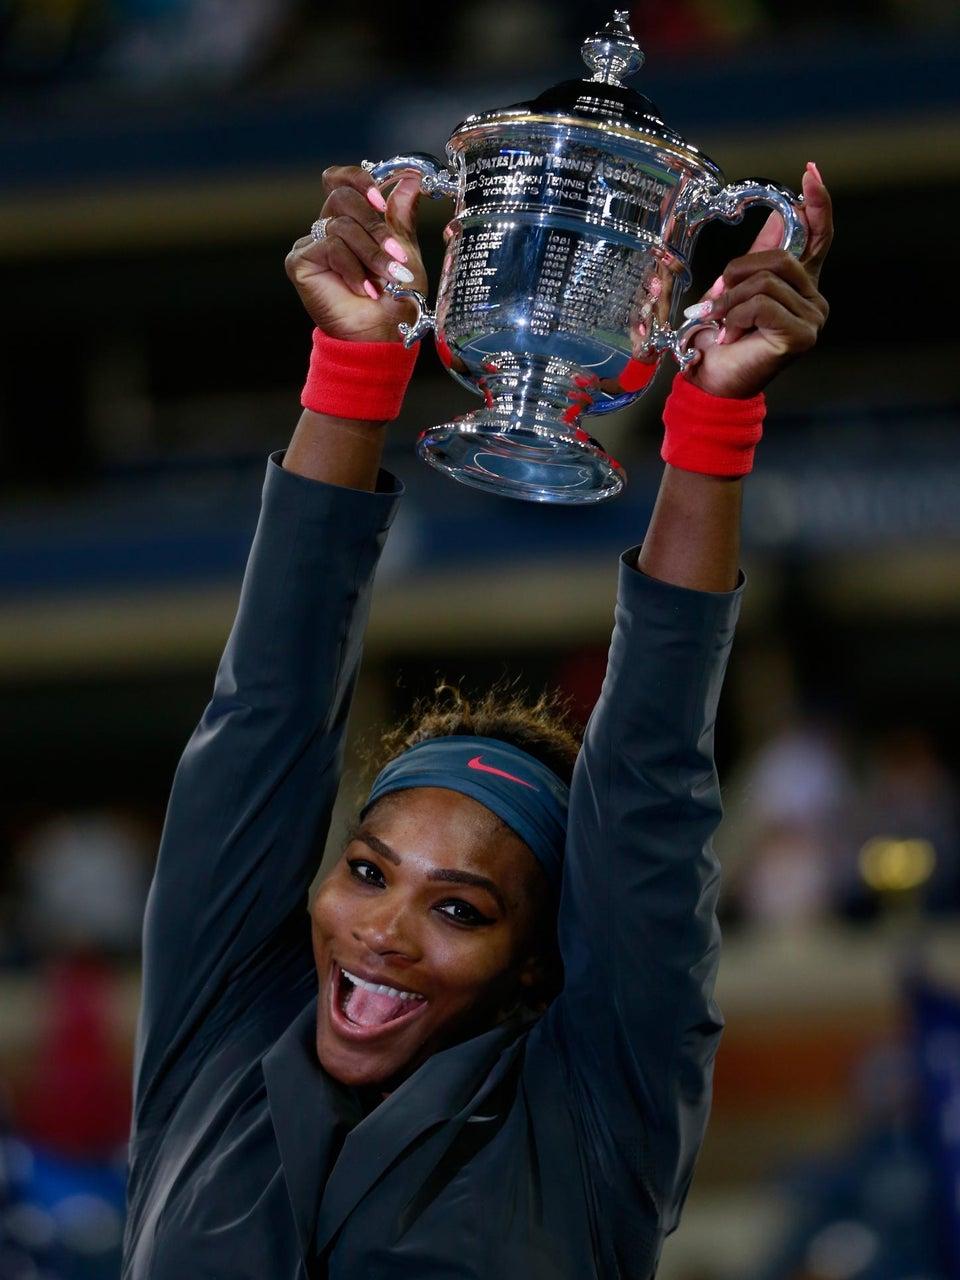 Serena Williams Wins 5th U.S. Open Championship